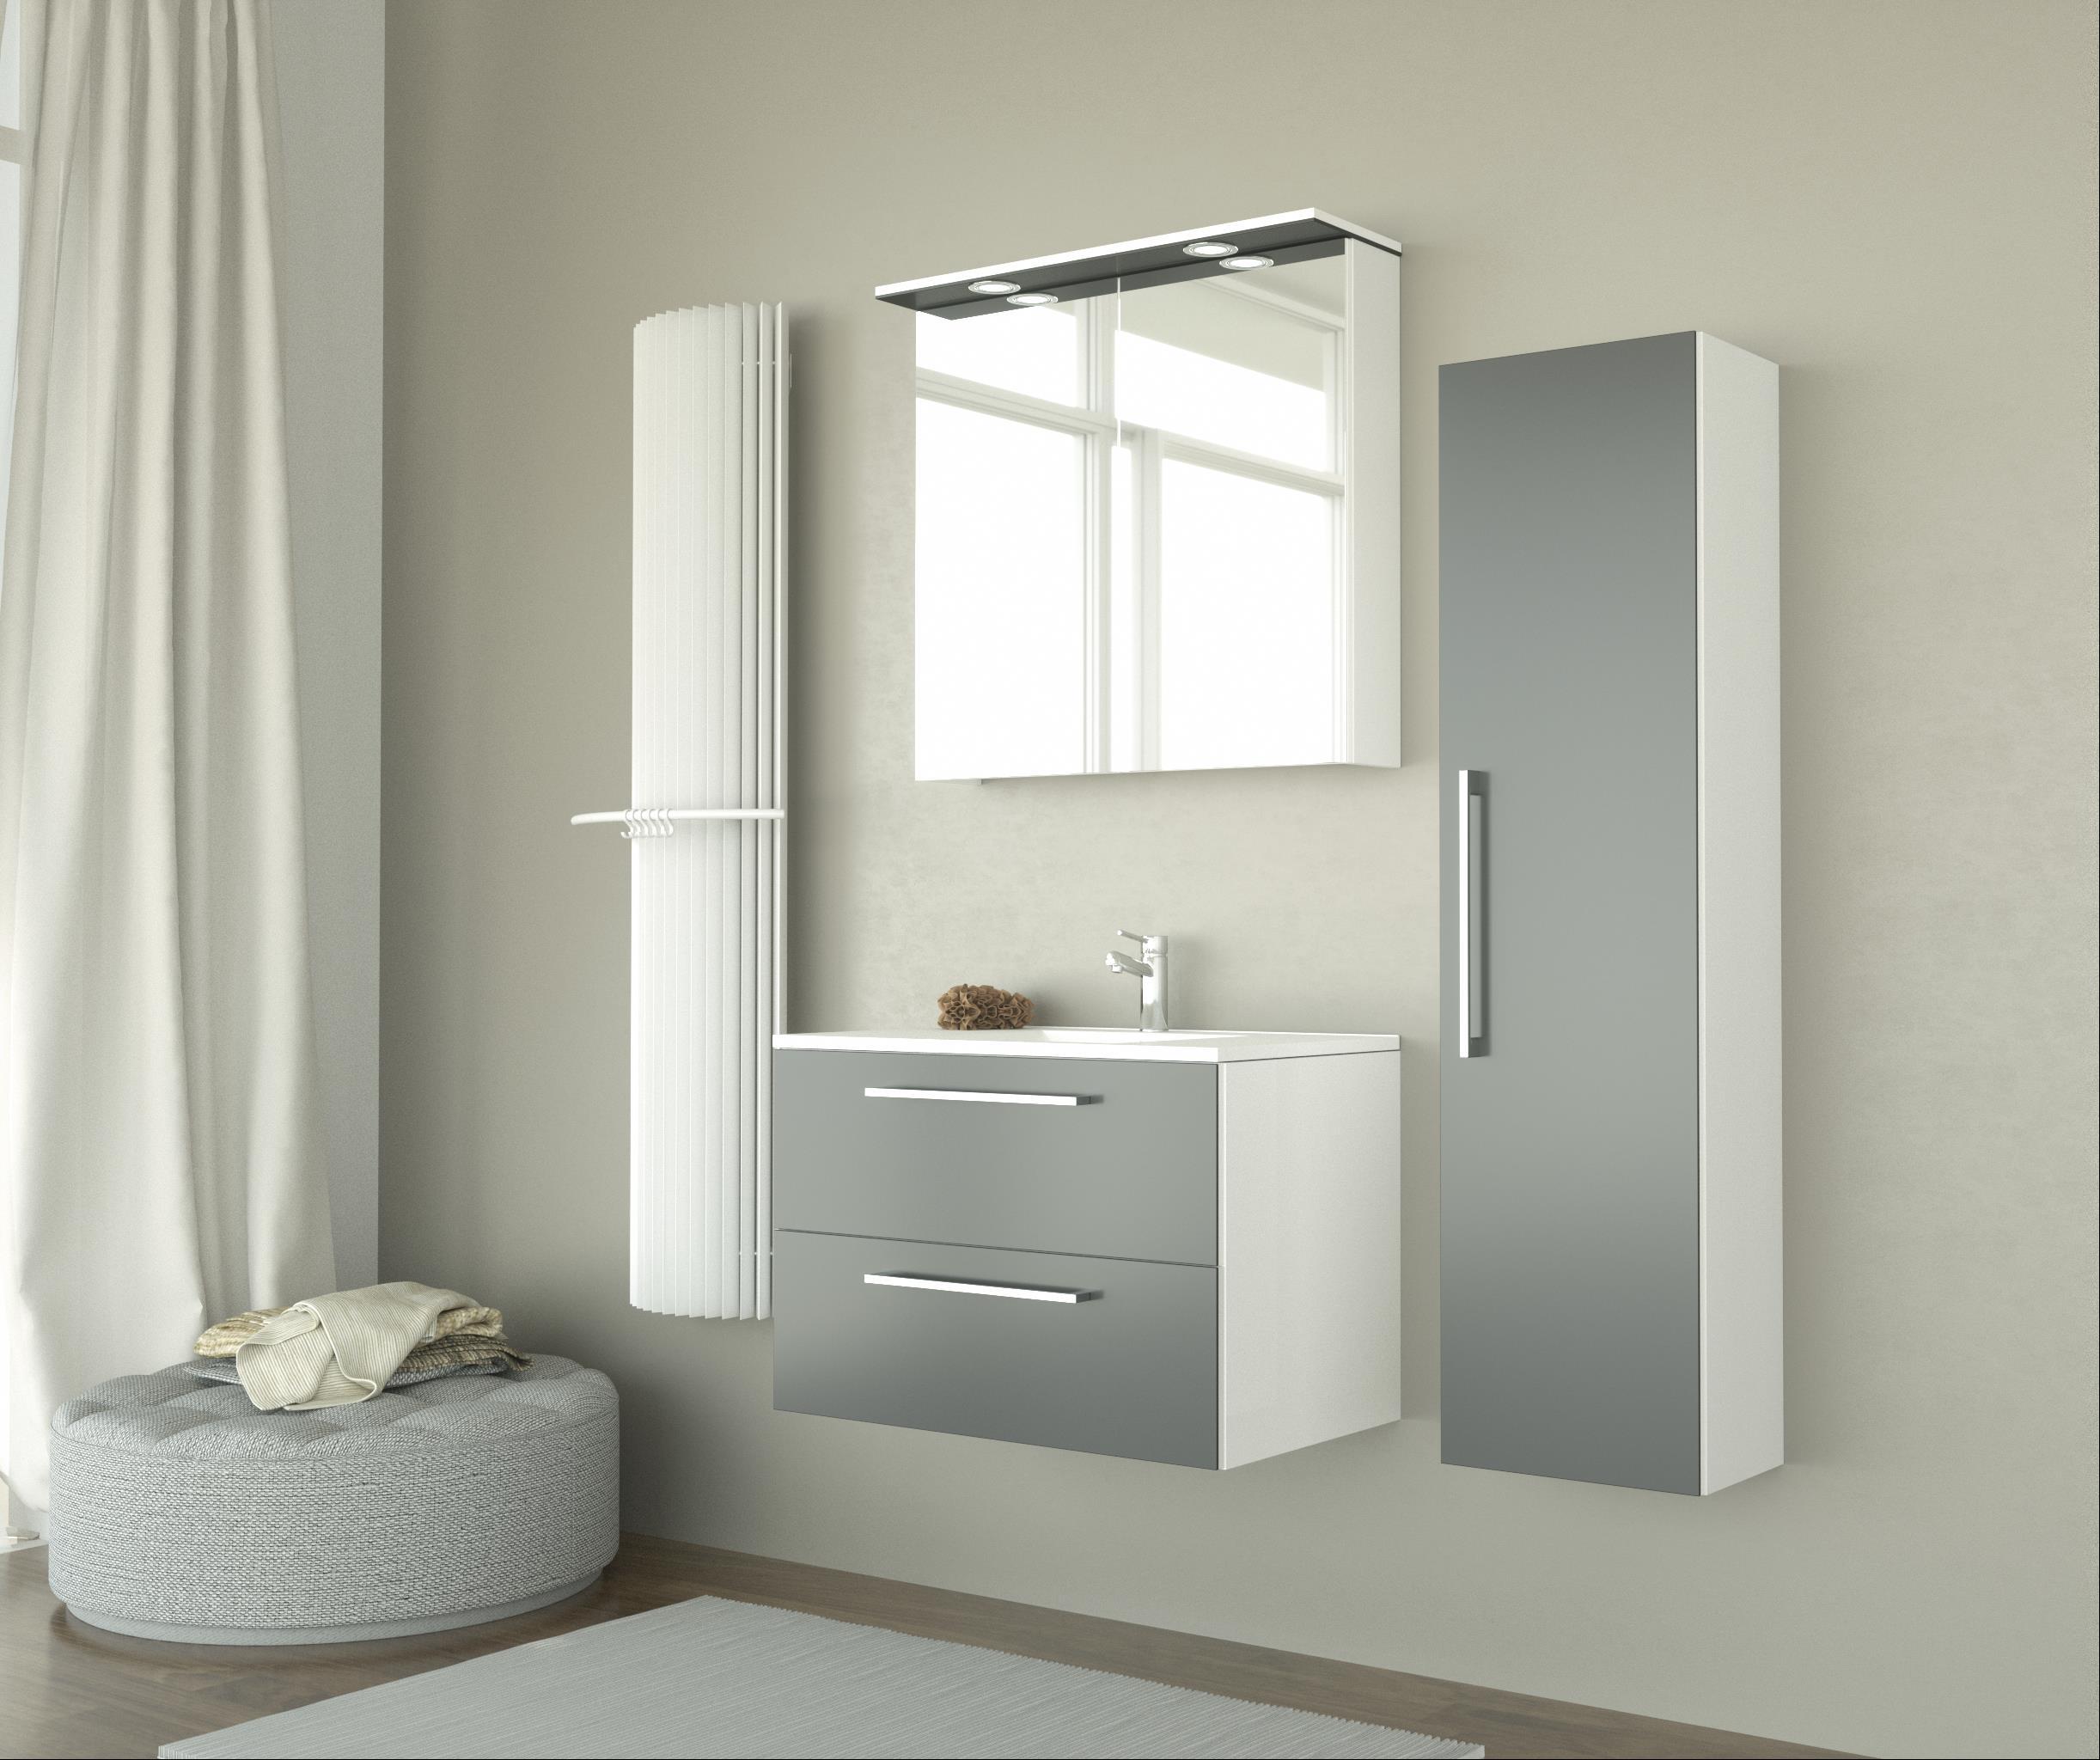 Bad LED Spiegelschrank Allegro 61 Grau glänzend Bild 4